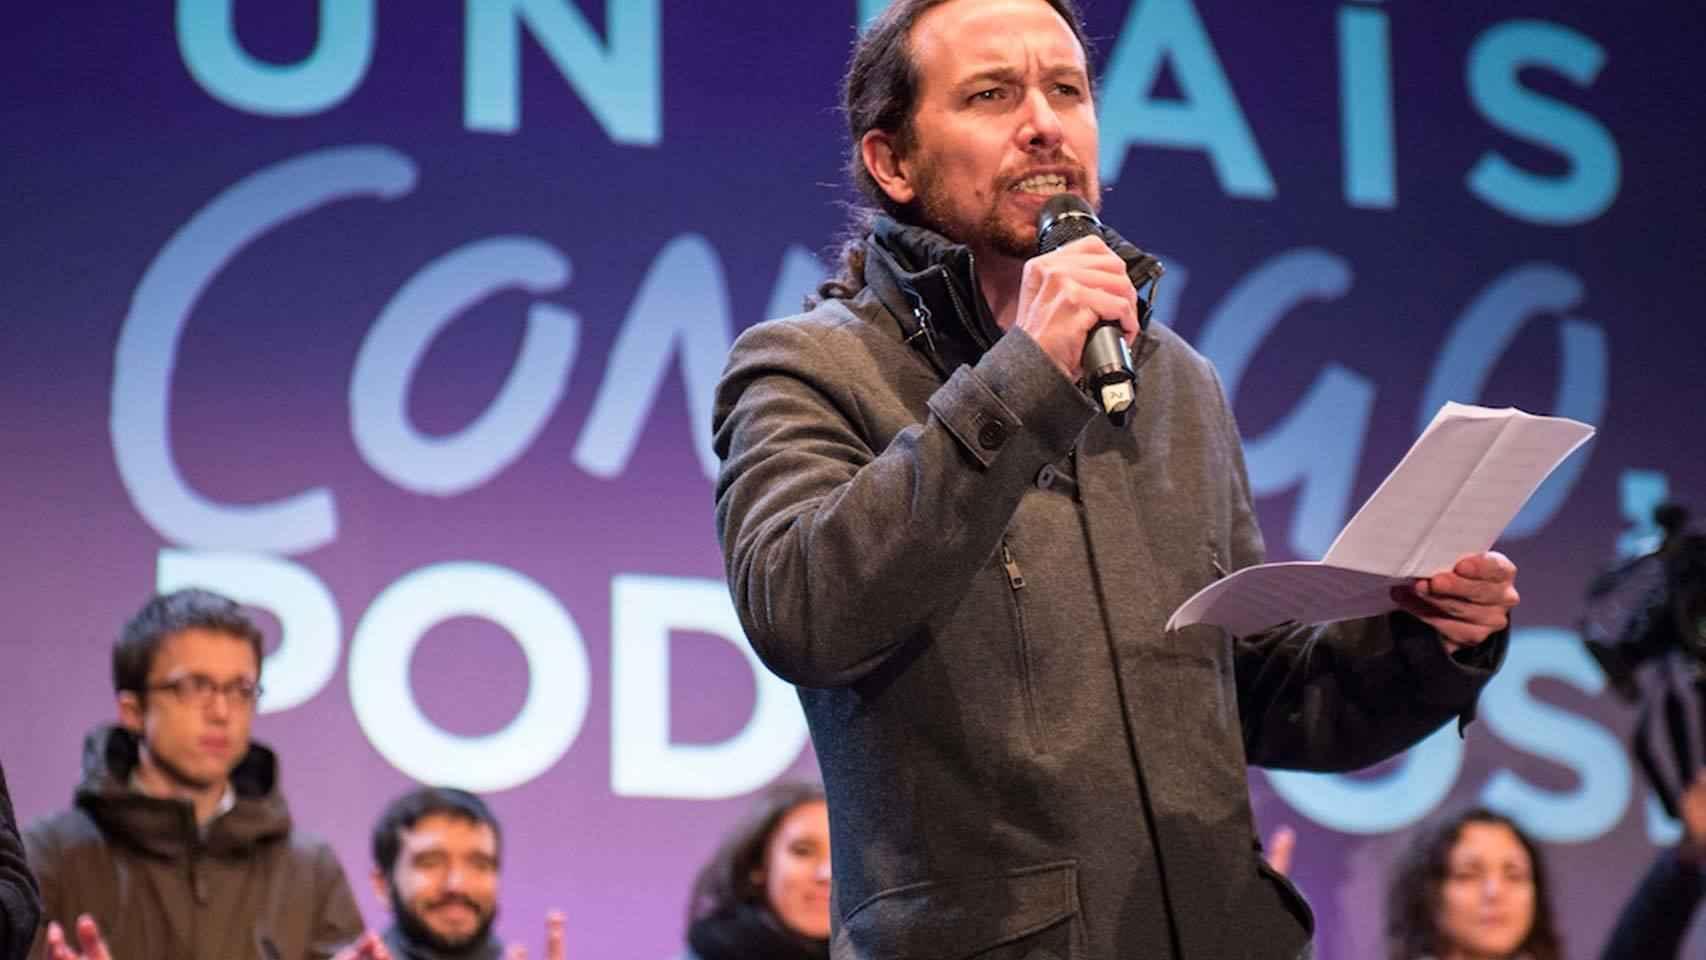 El líder de Podemos no pierde ocasión para atacar a Sánchez.